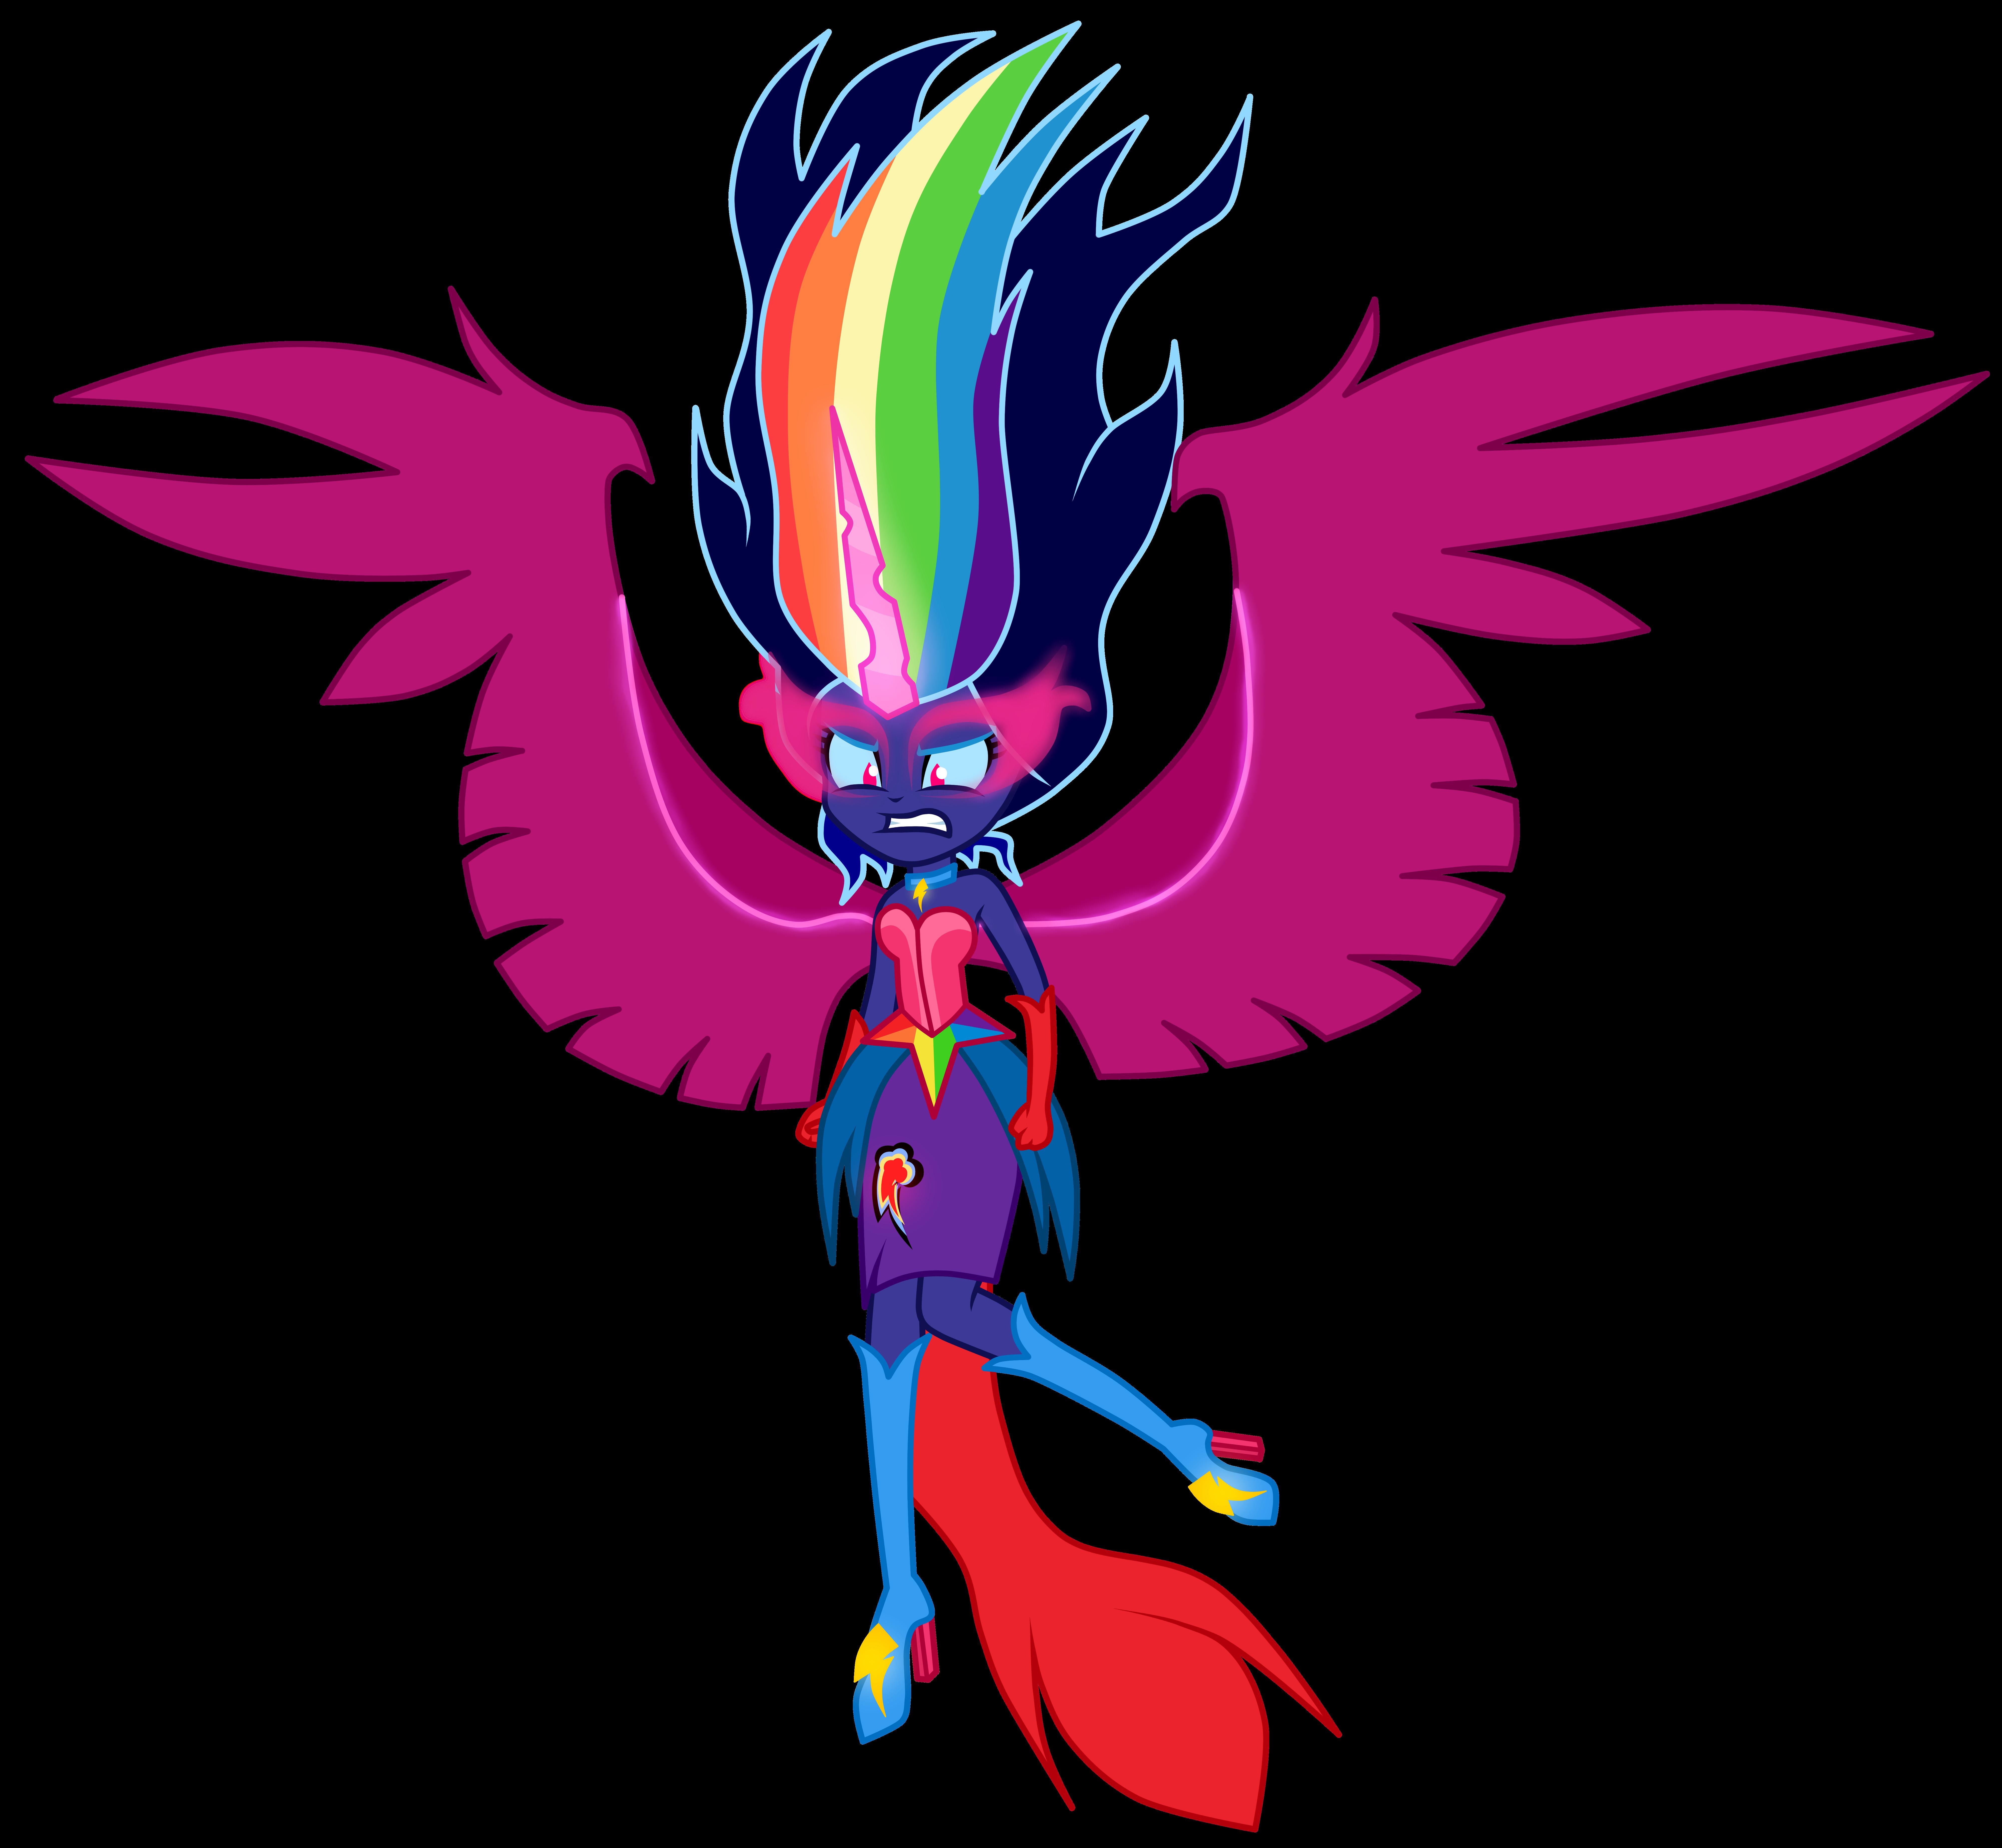 Black Rainbow By Mixiepie My Little Pony Equestria Girls Know Rh  Knowyourmeme Com My Little Pony Template Free